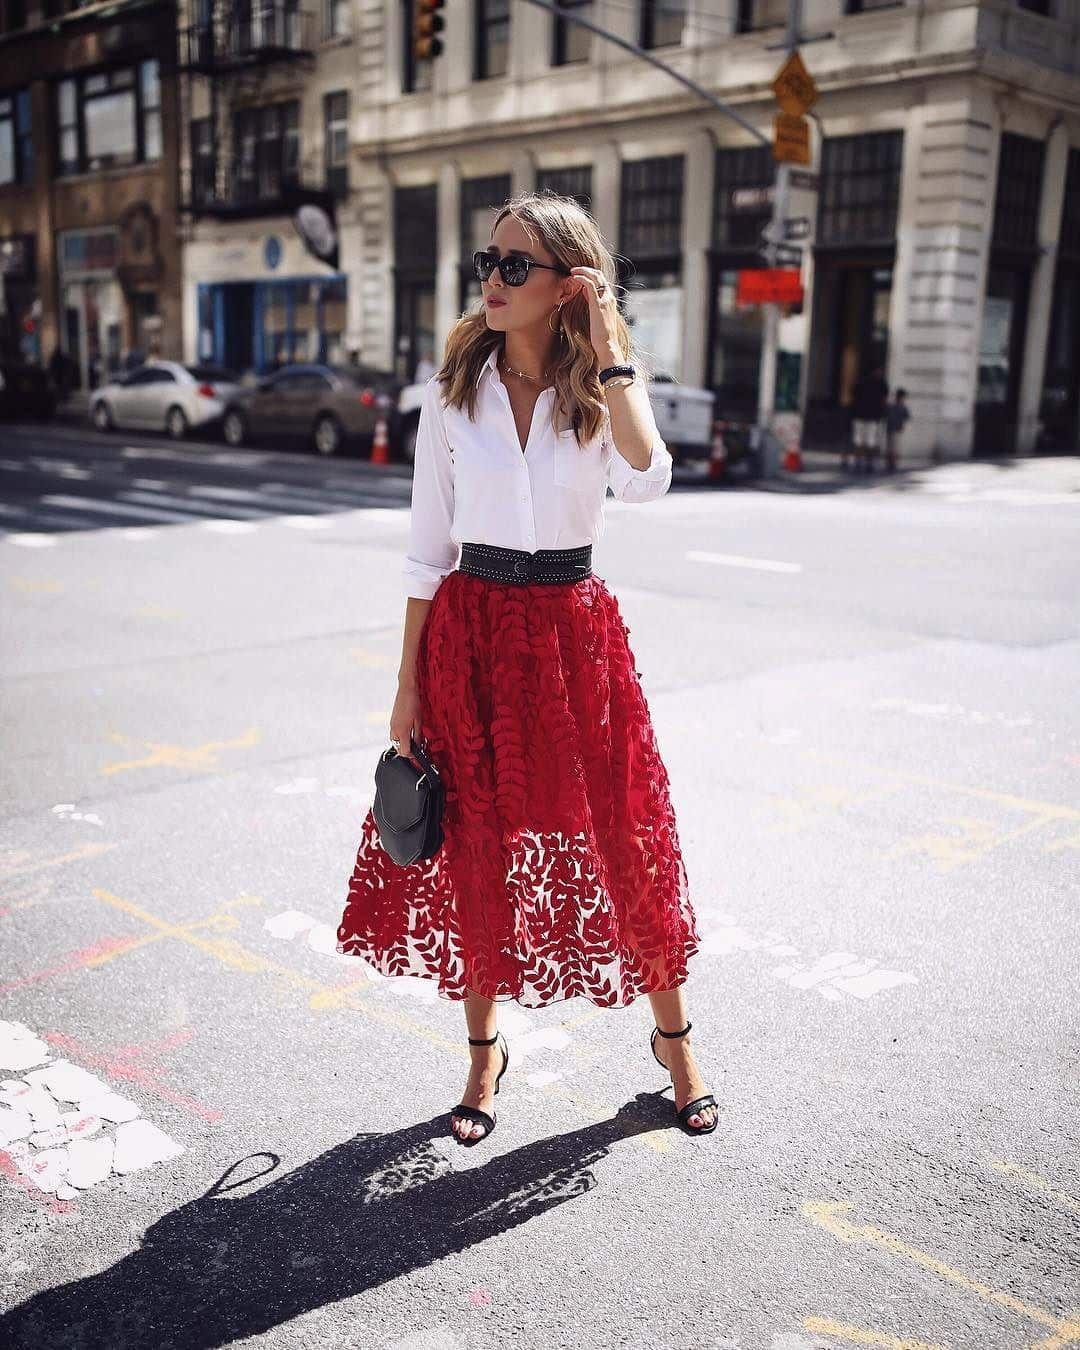 Красная юбка с блузой фото 5